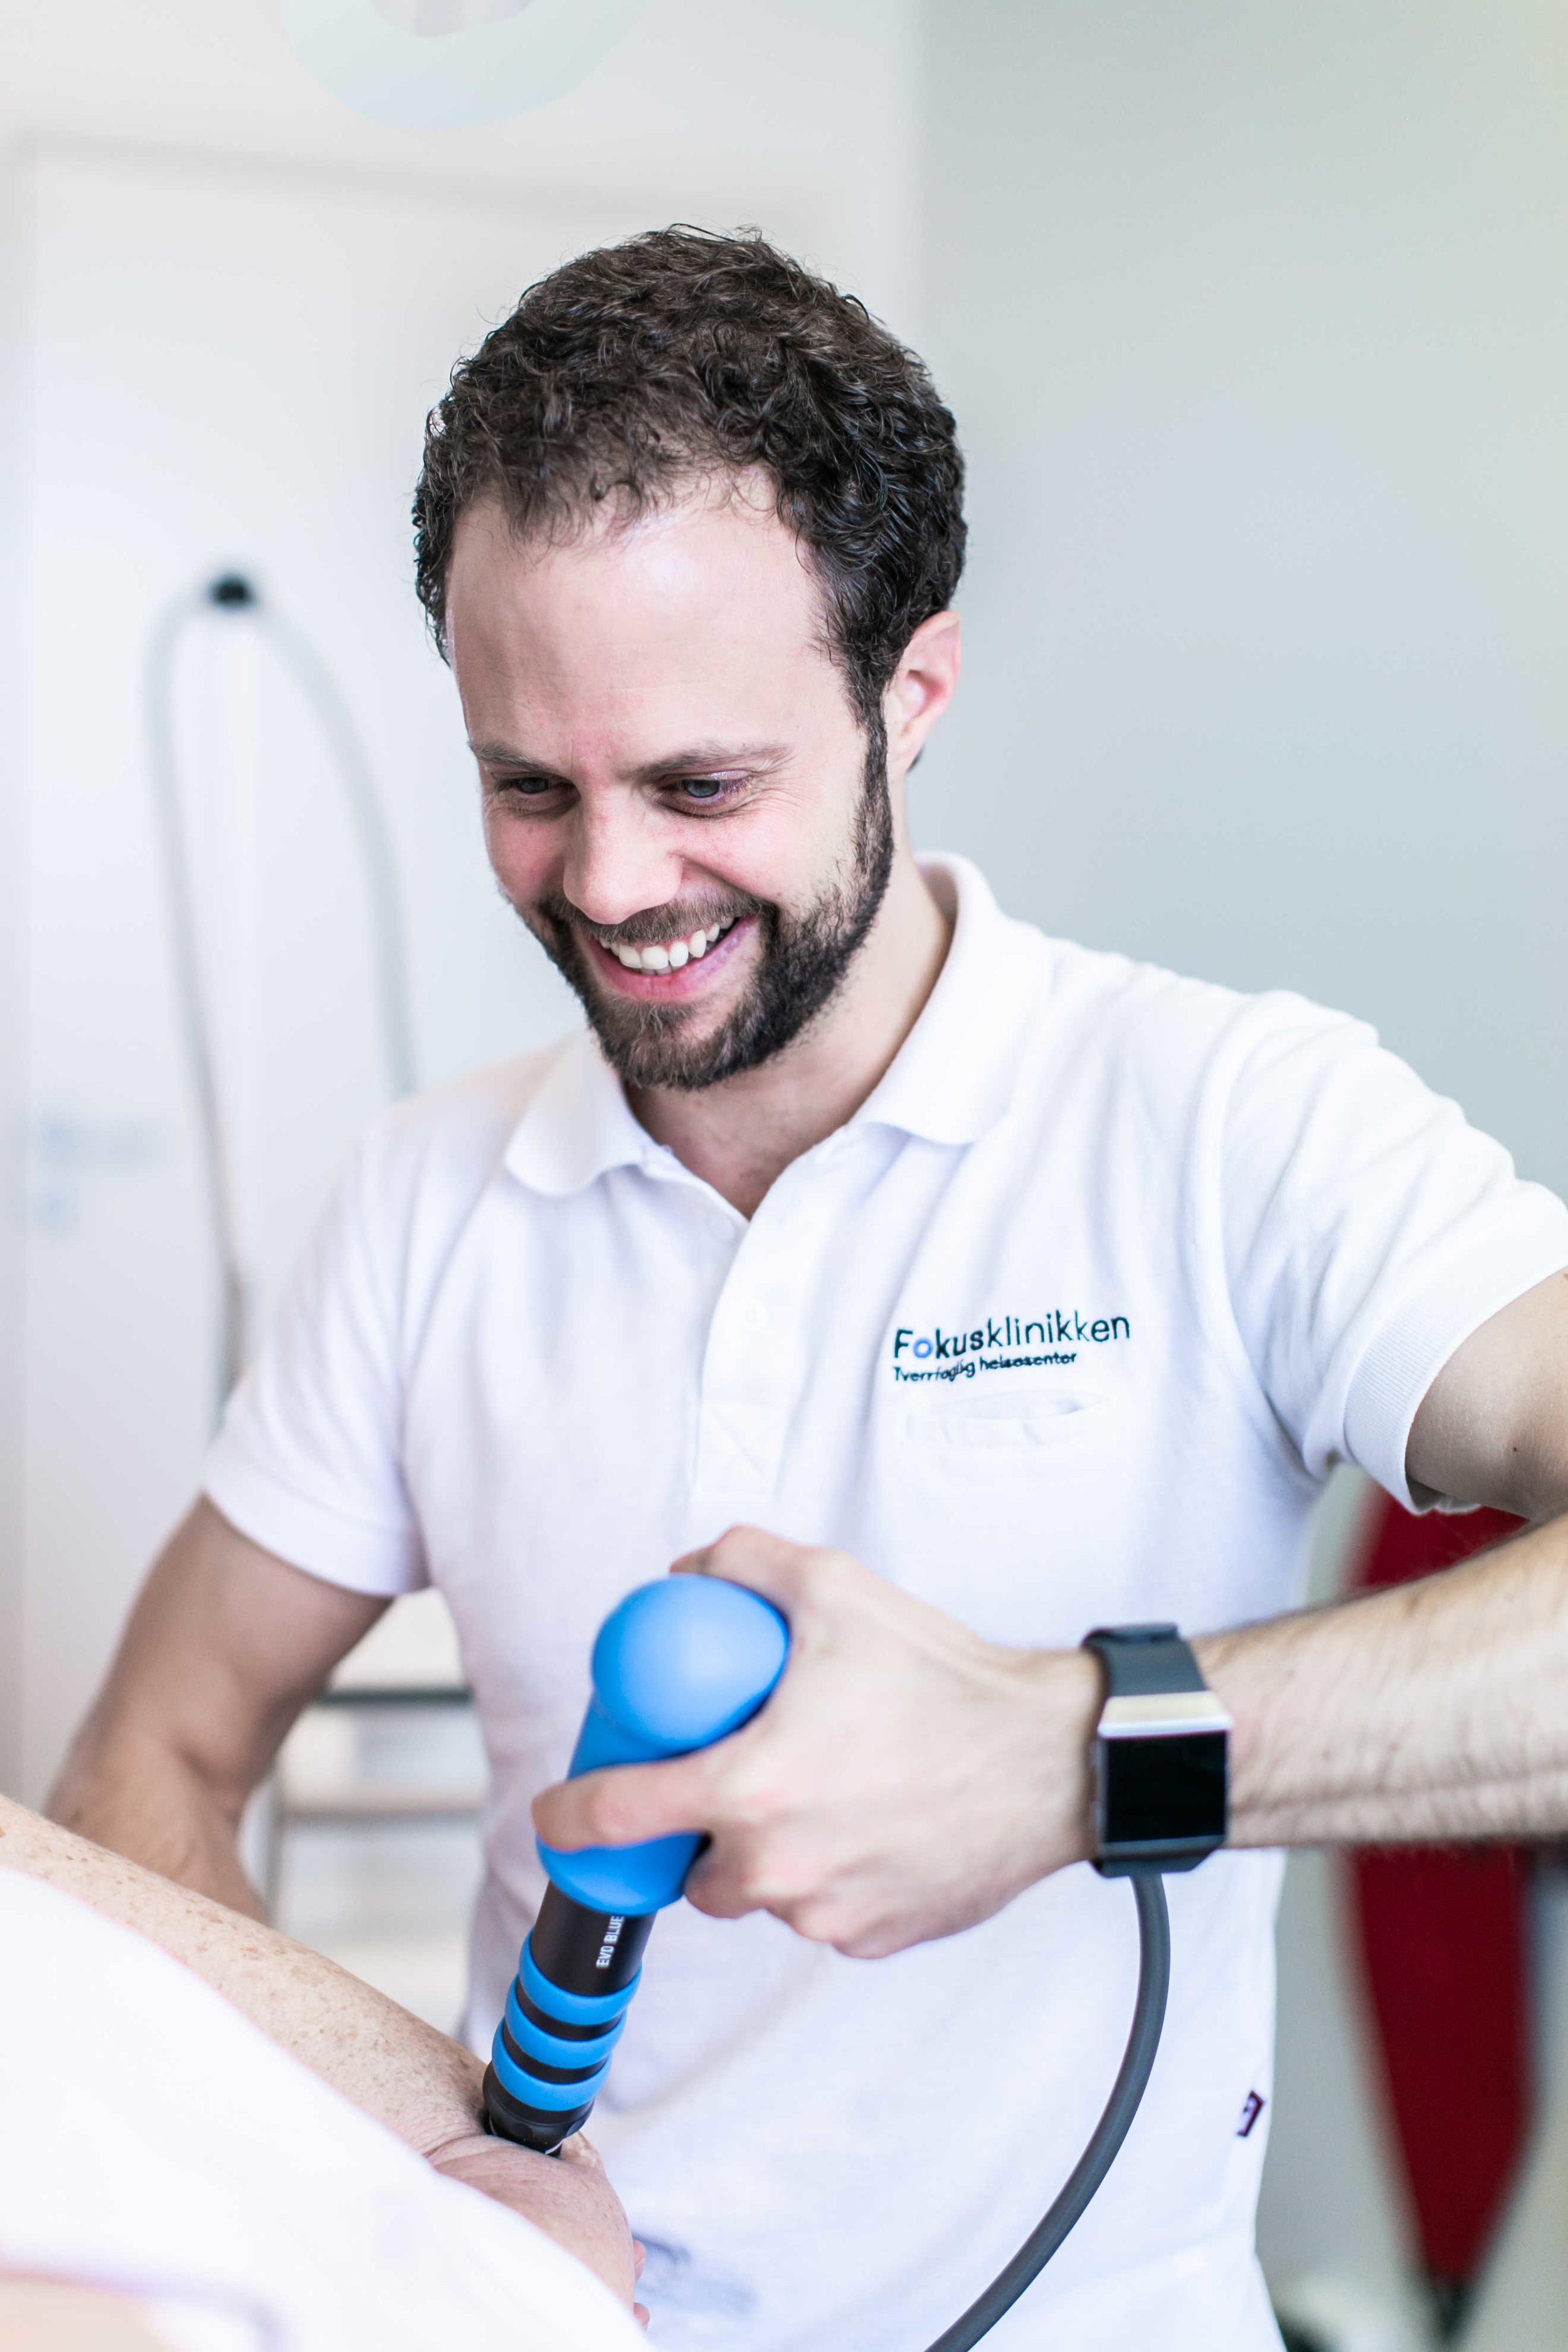 Trykkbølgebehandling er en annerkjent behandlingsmetode for kronisk senebetennelse.